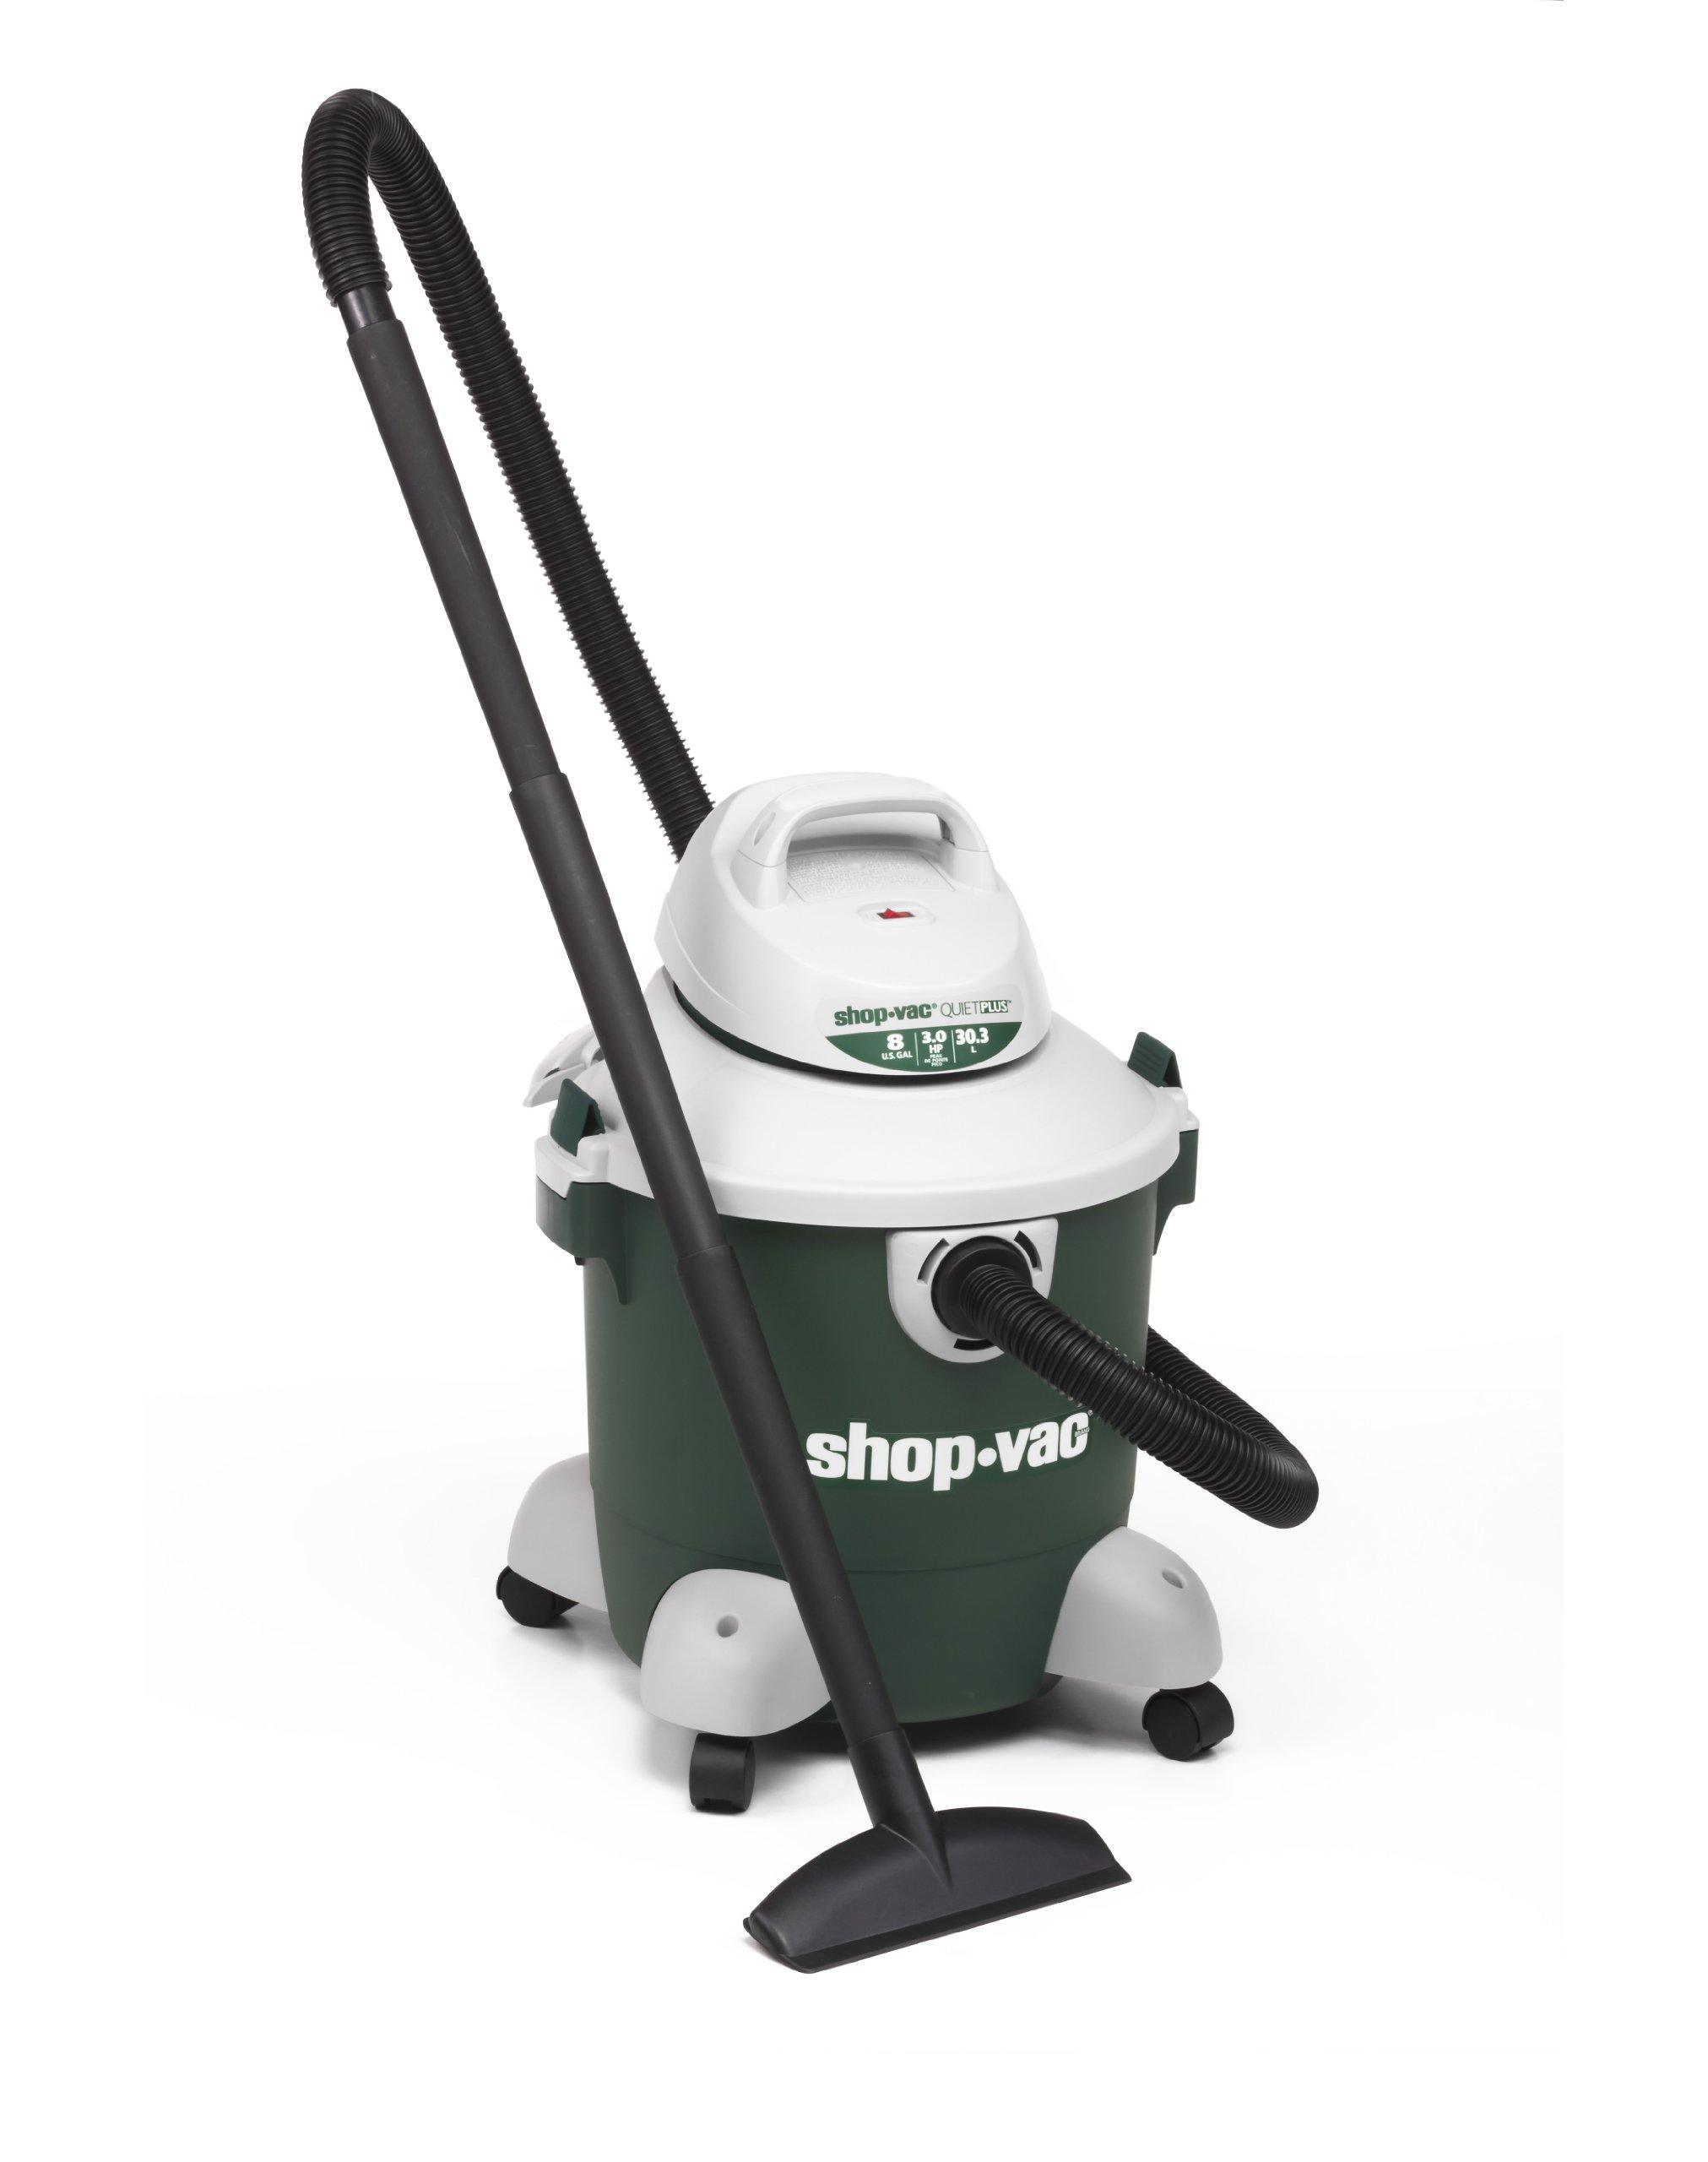 Shop-Vac 5980800 8-Gallon 3.0 Peak HP Quiet Plus Series Wet Dry Vacuum